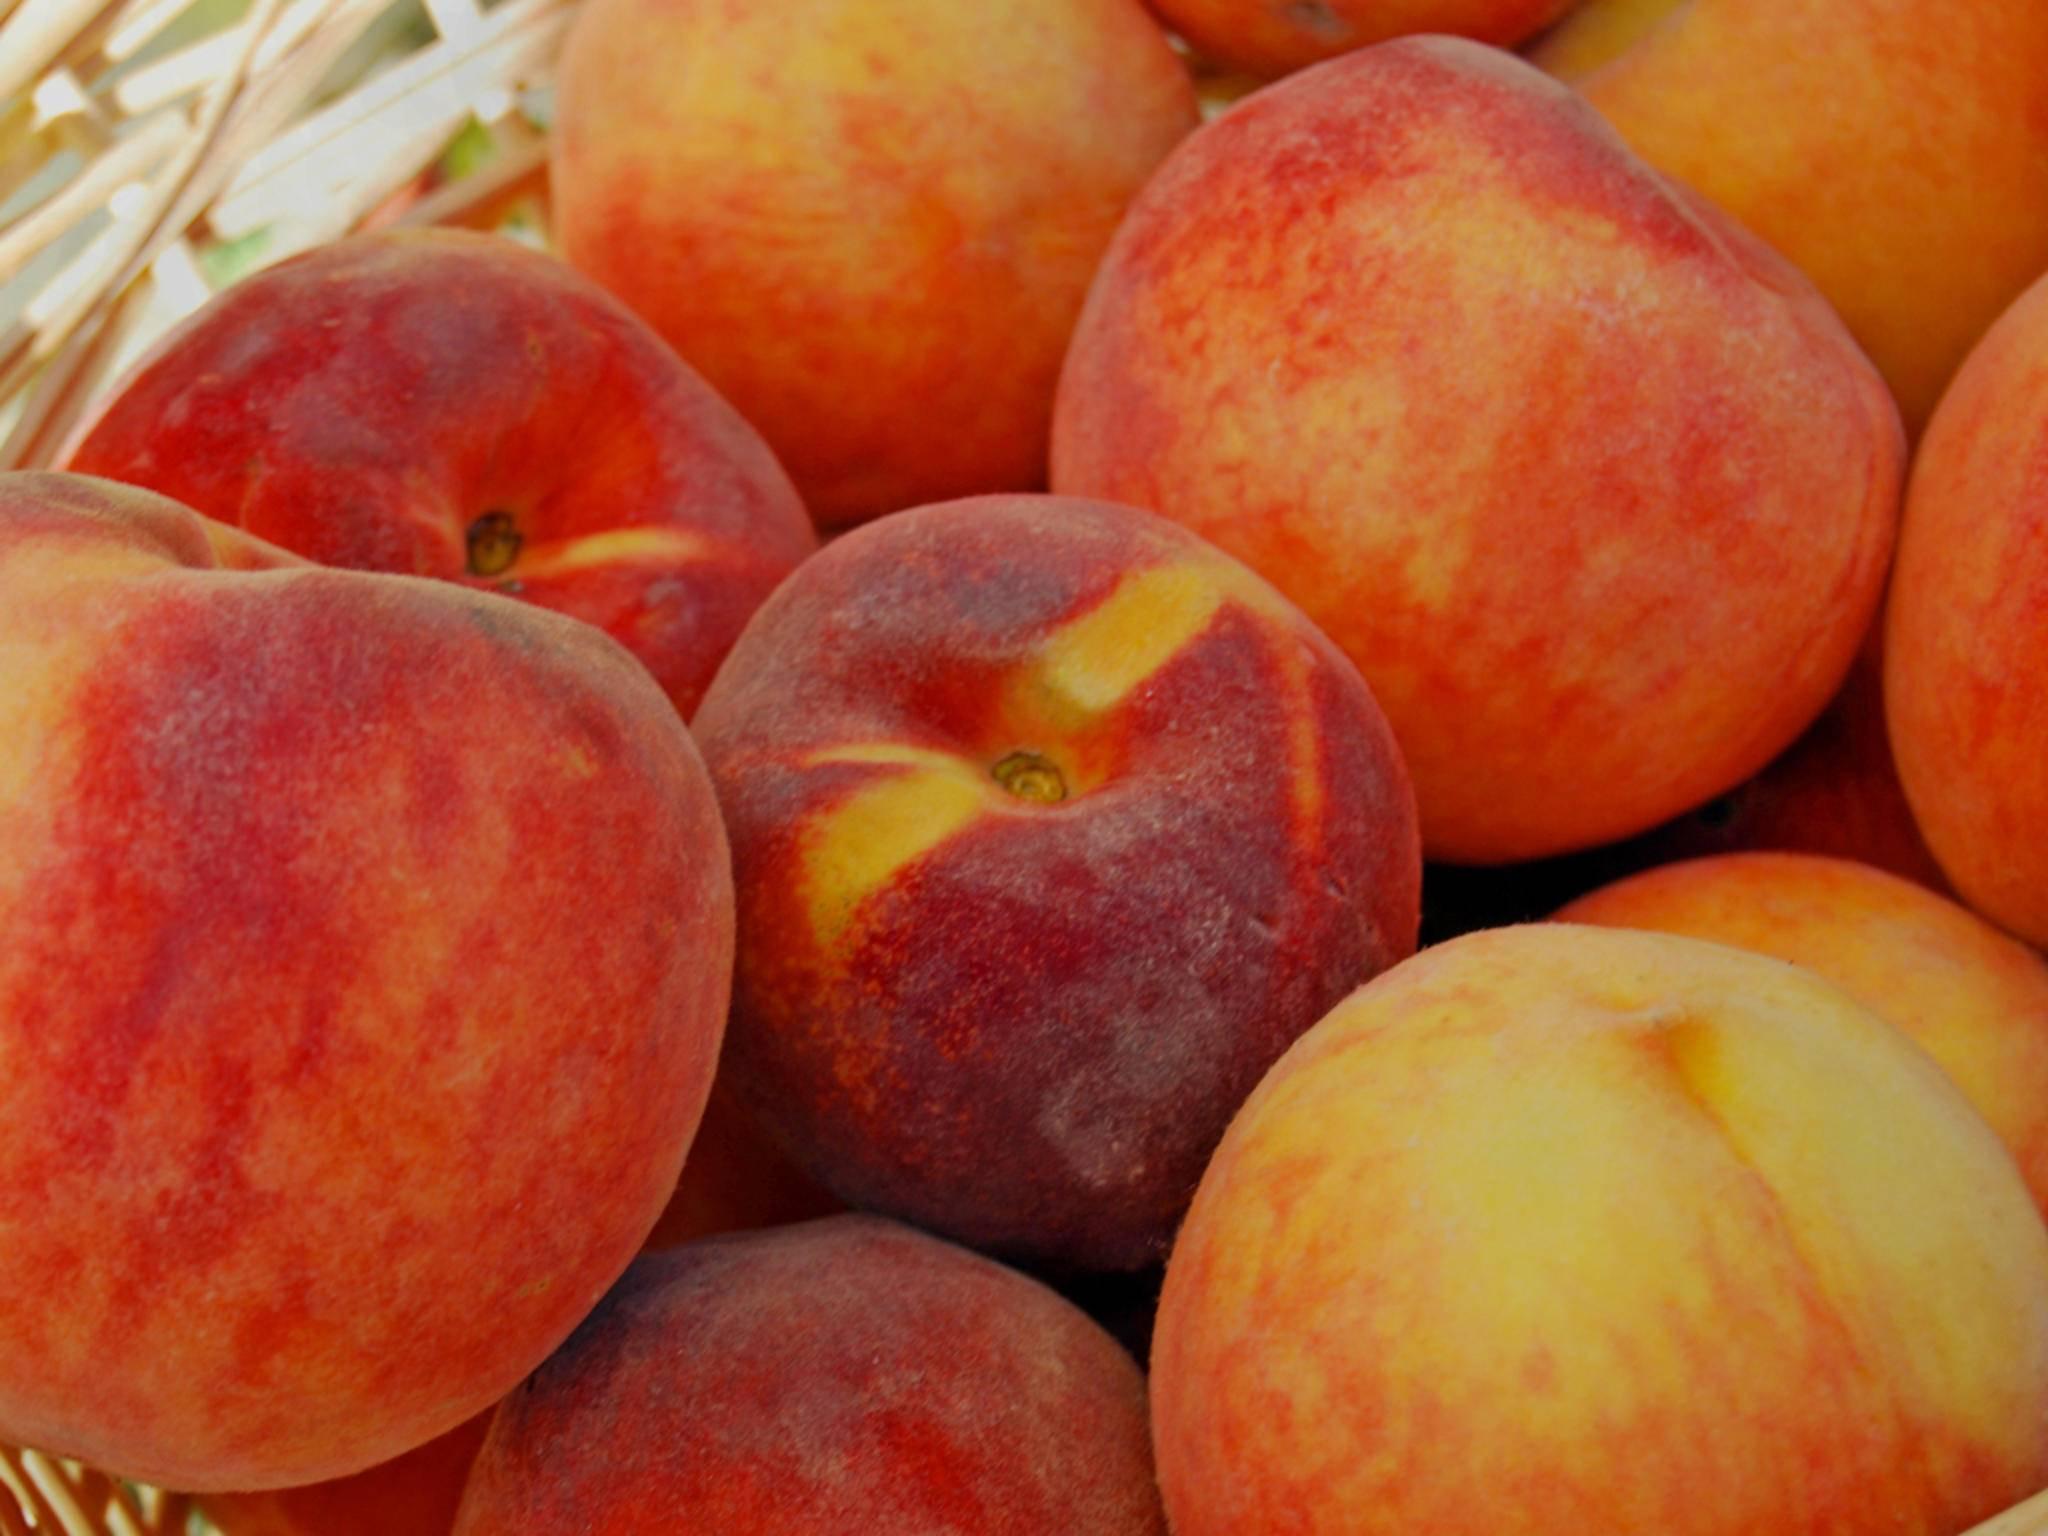 Peach ist eine Mischung aus Messenger und sozialem Netzwerk.